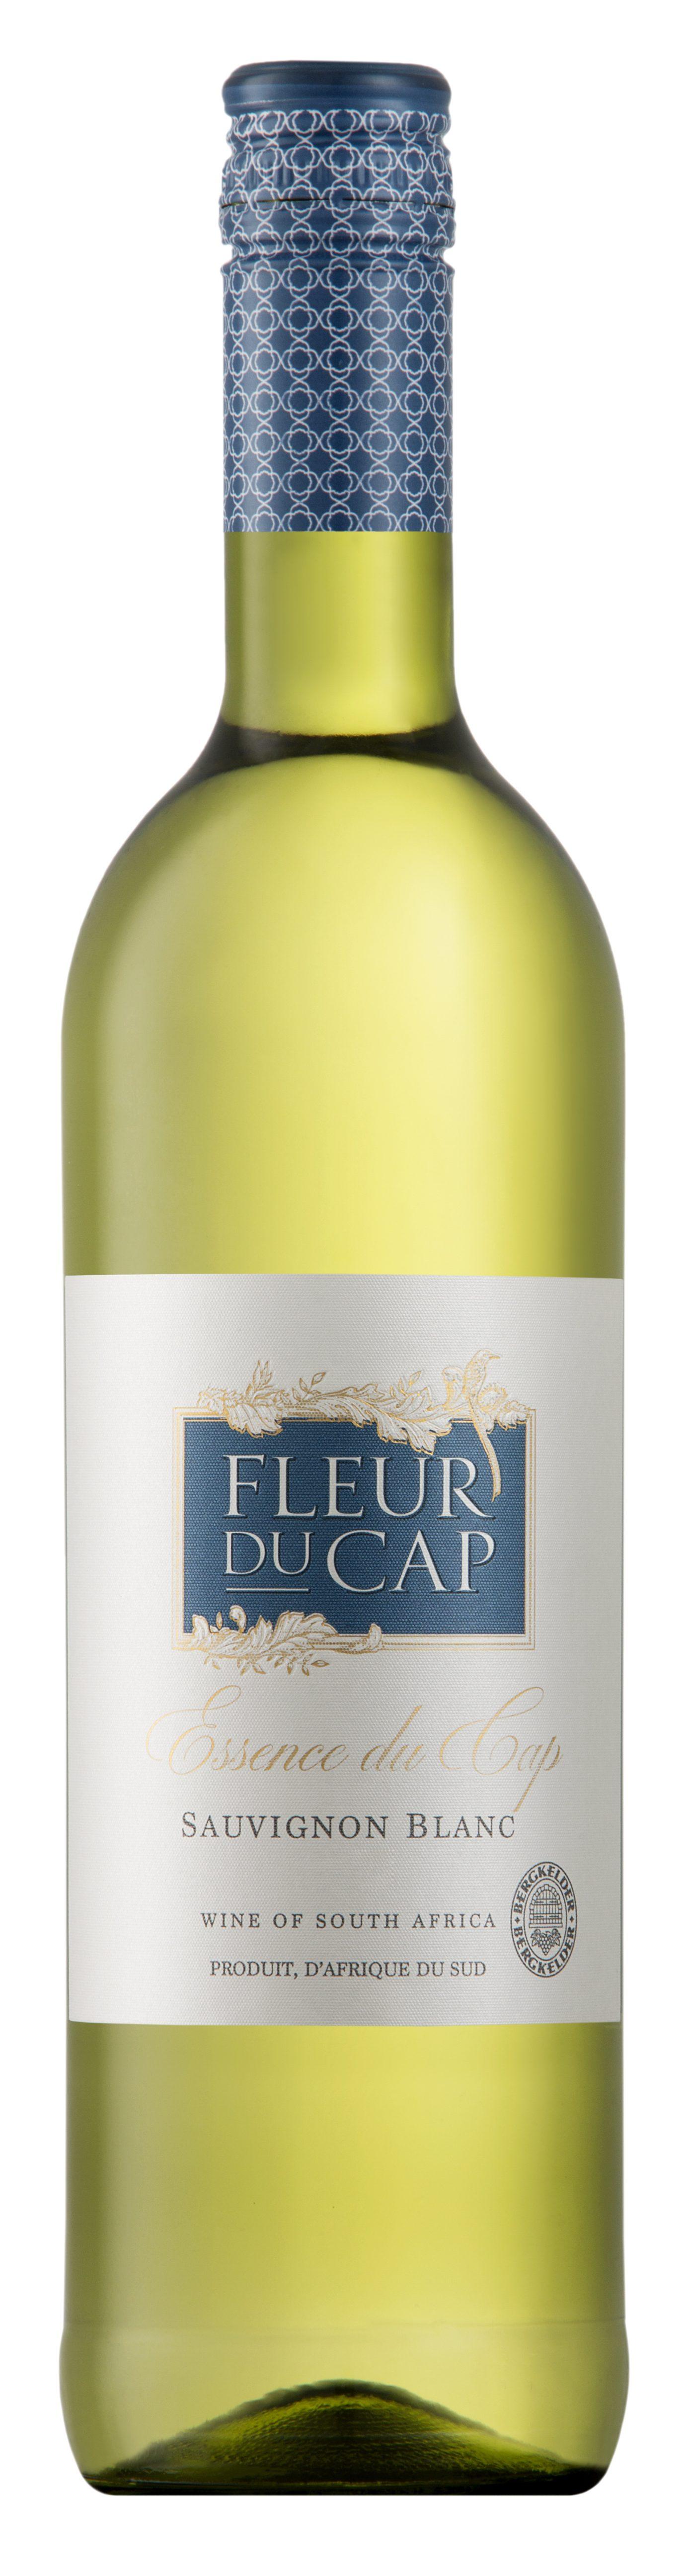 Fleur du Cap Essence du Cap Sauvignon Blanc